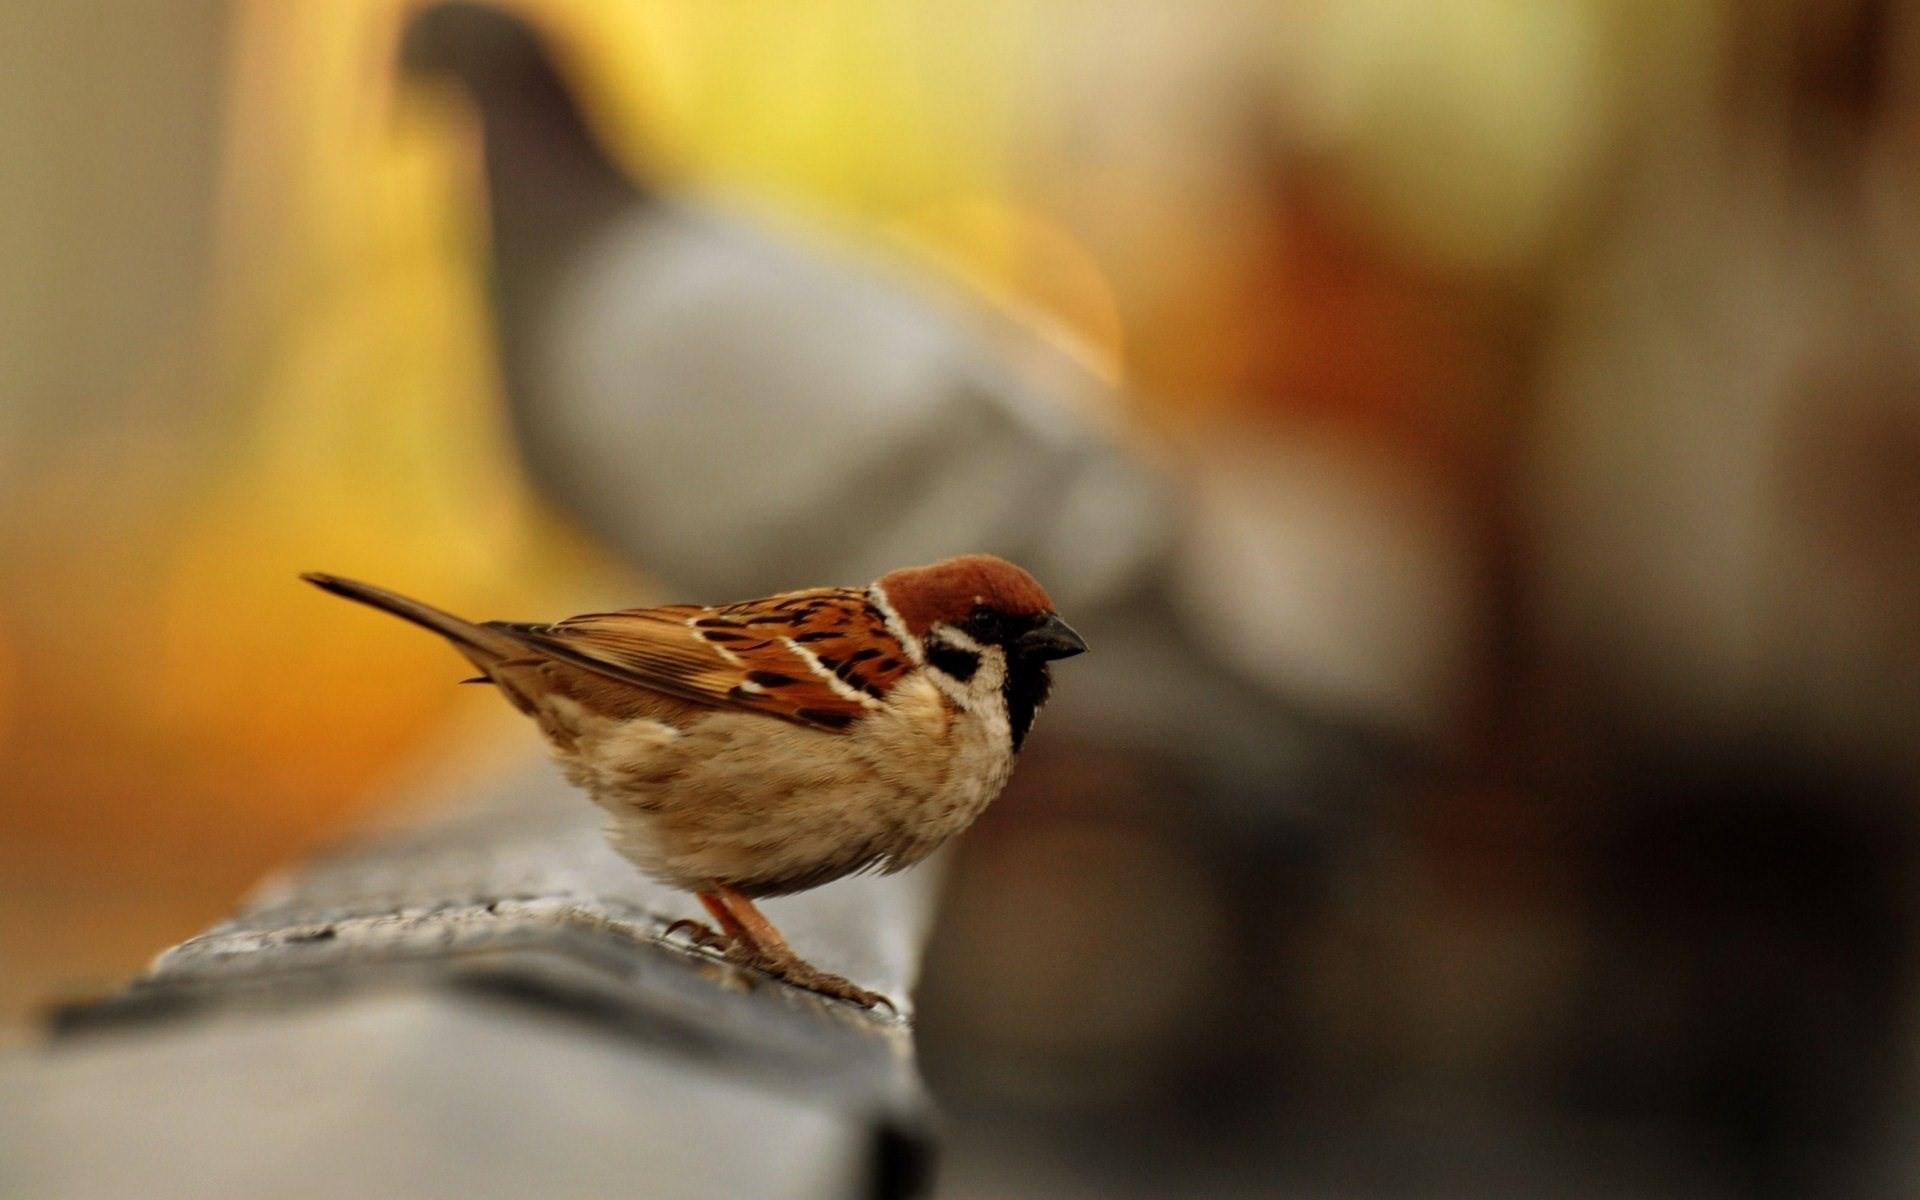 Belajar Tawakkal Dari Seekor Burung